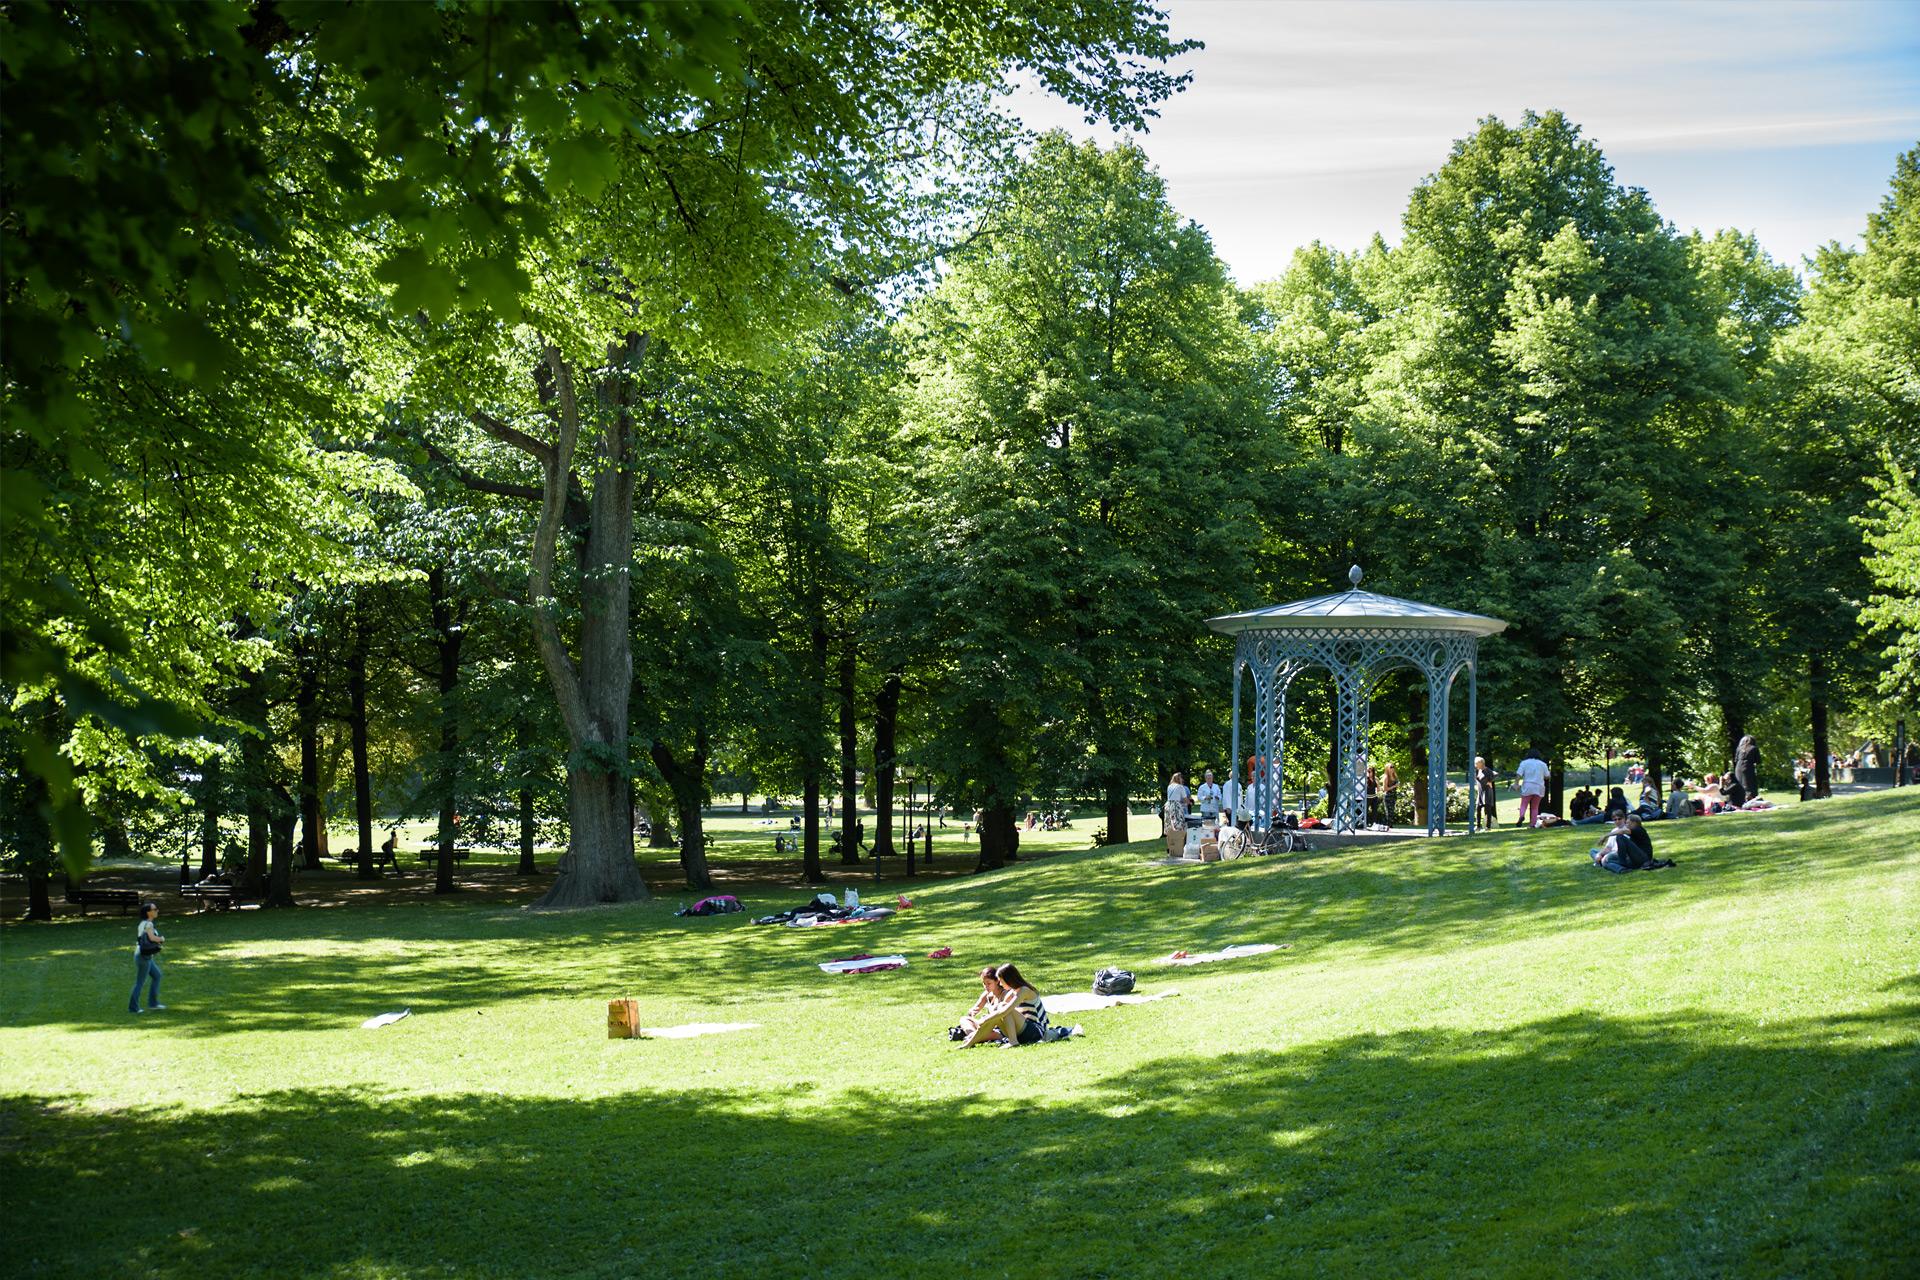 Stockholm ist eine sehr grüne Stadt mit vielen Parks